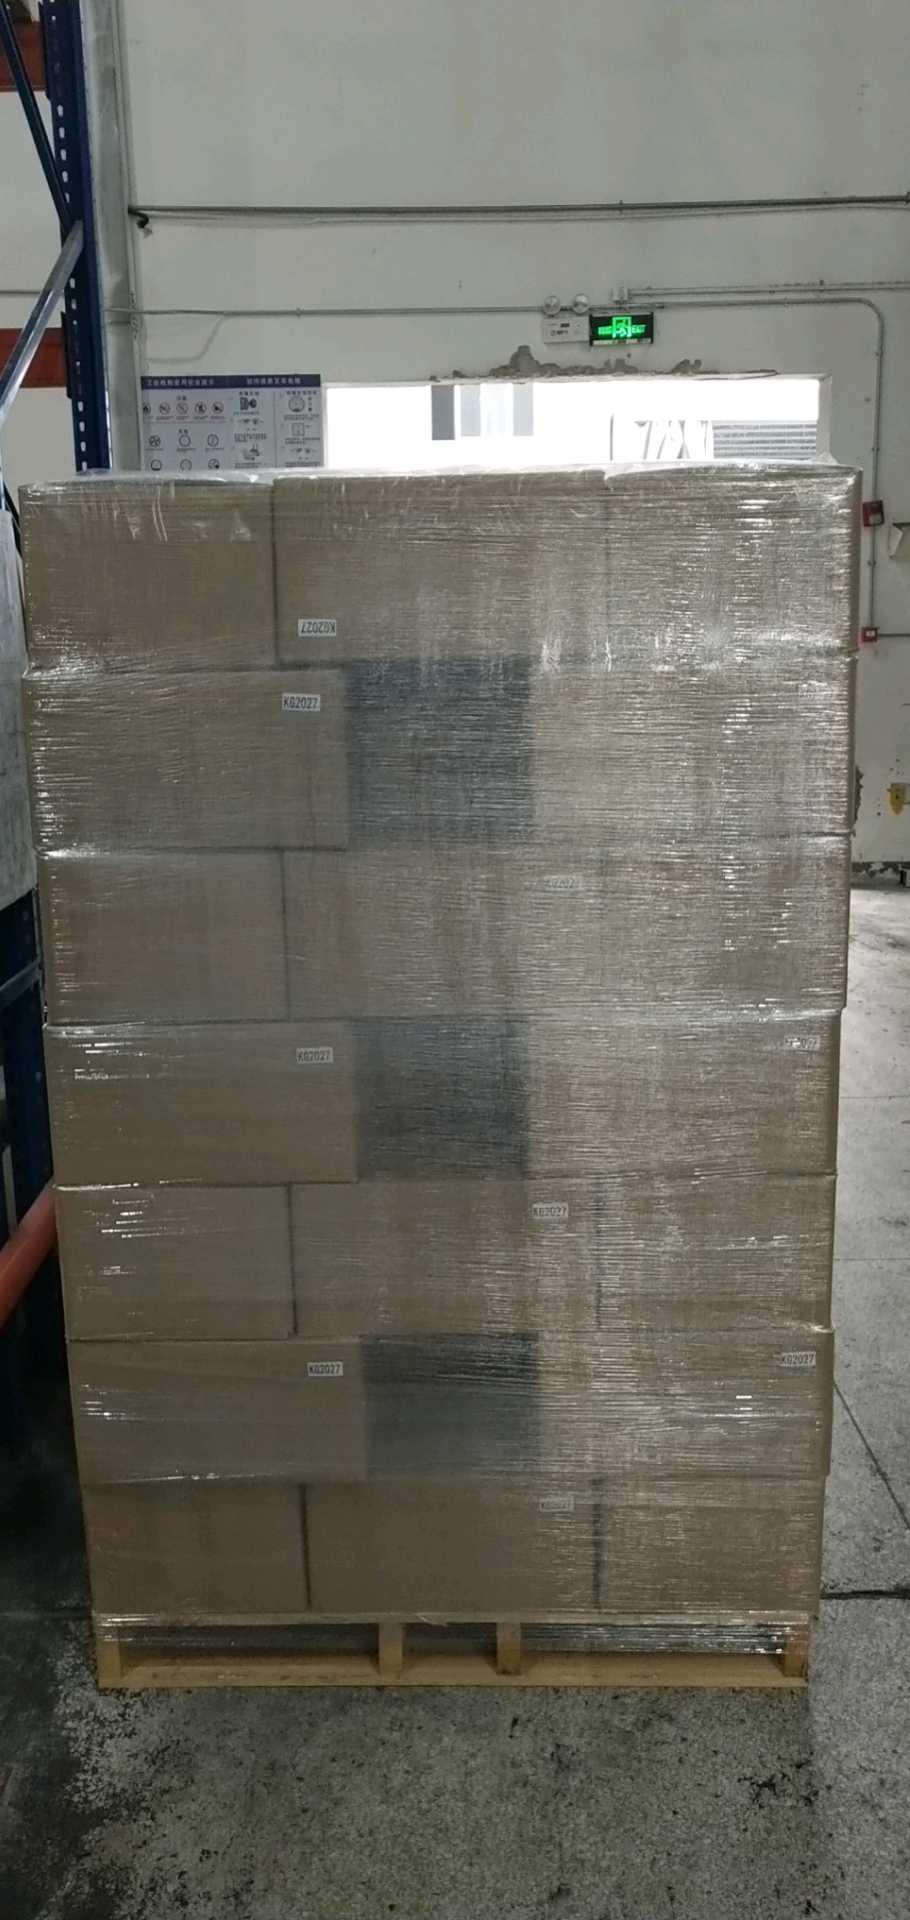 专业生产PSA热熔压敏胶,应用于各类胶带和标签、医用创口贴、粘贴纸制品、无纺布制品粘接复合的热熔压敏胶,初粘性好、持粘力强,能满足各种需求:可移除,耐高低温,差异化的剥离力,易分切好排废,高性能价格优惠,支持免费试样寄样测试,总部在上海,目前在广州有分仓库和实验室,欢迎咨询电话13431658272(微信同号)